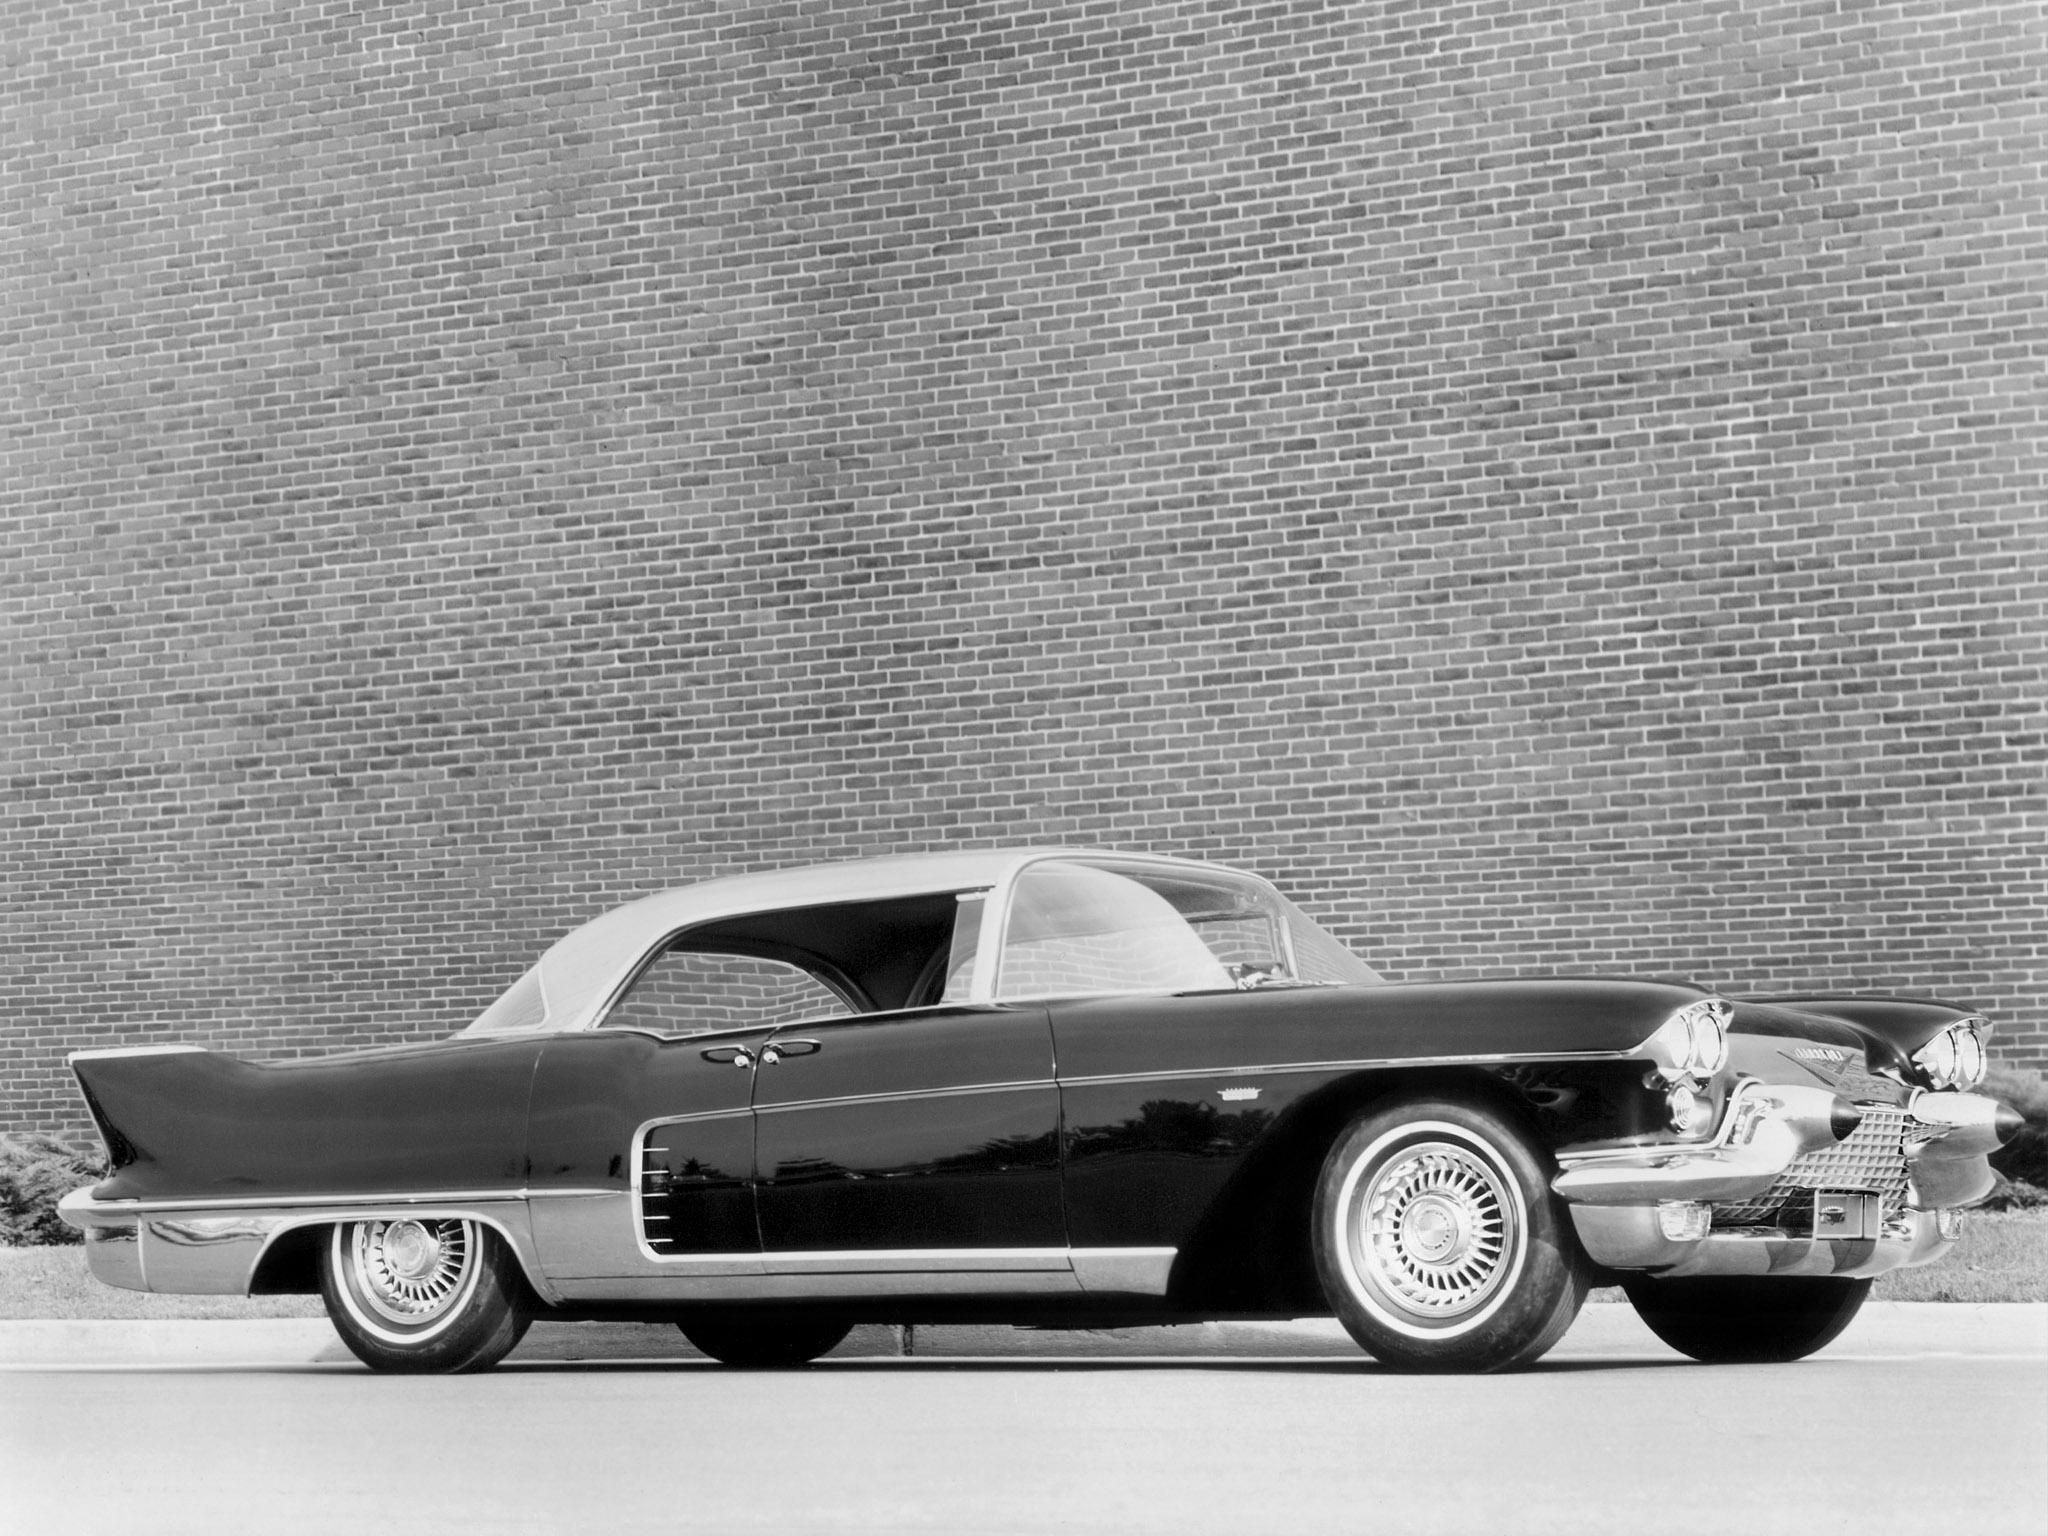 cadillac eldorado brougham 1957 preto lateral